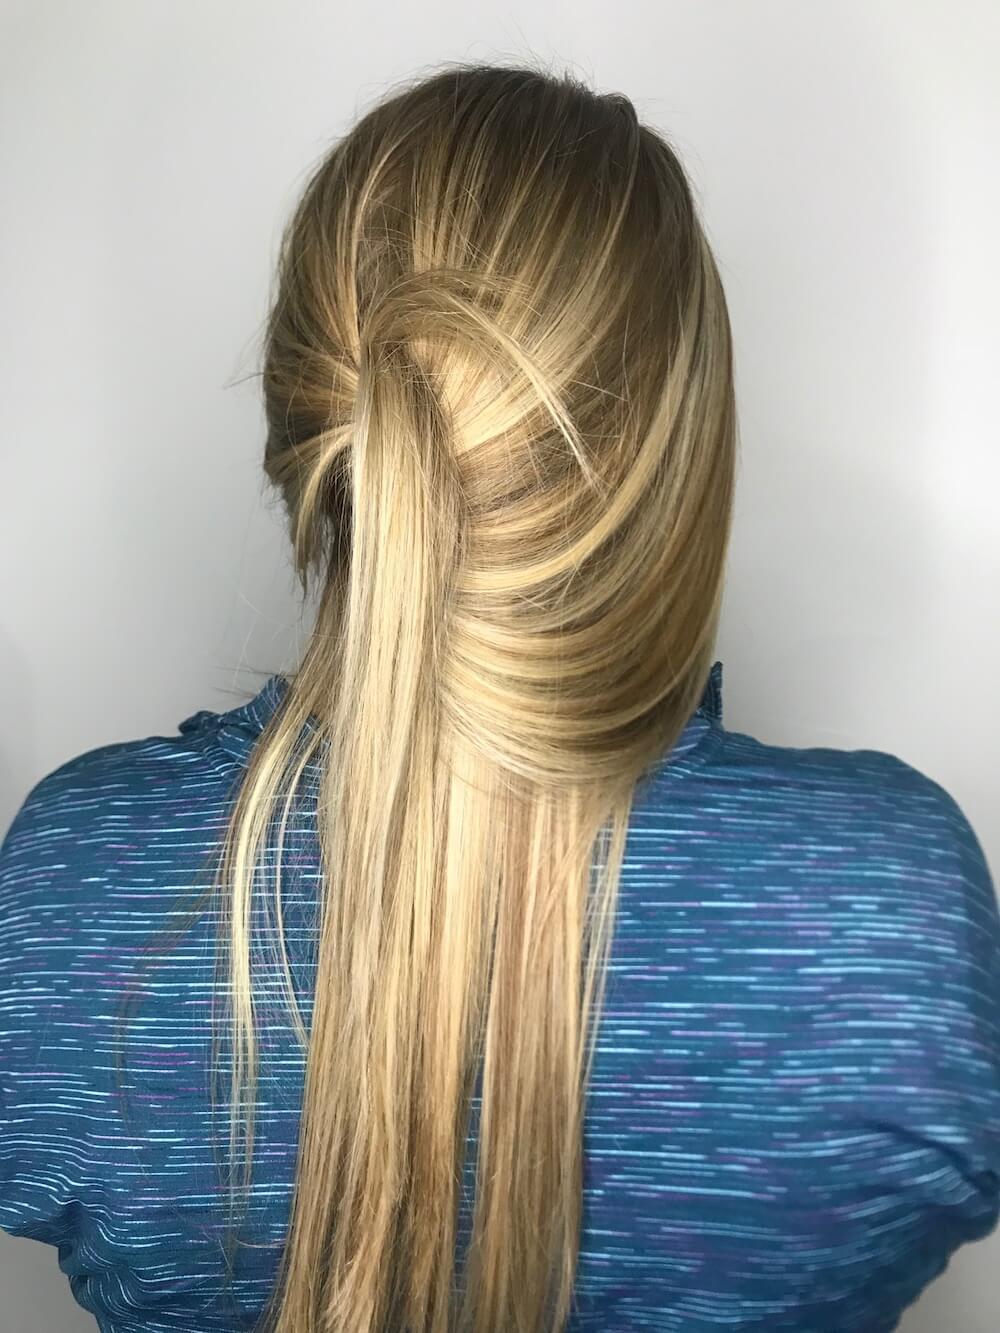 Blonde hair by metamorphosis